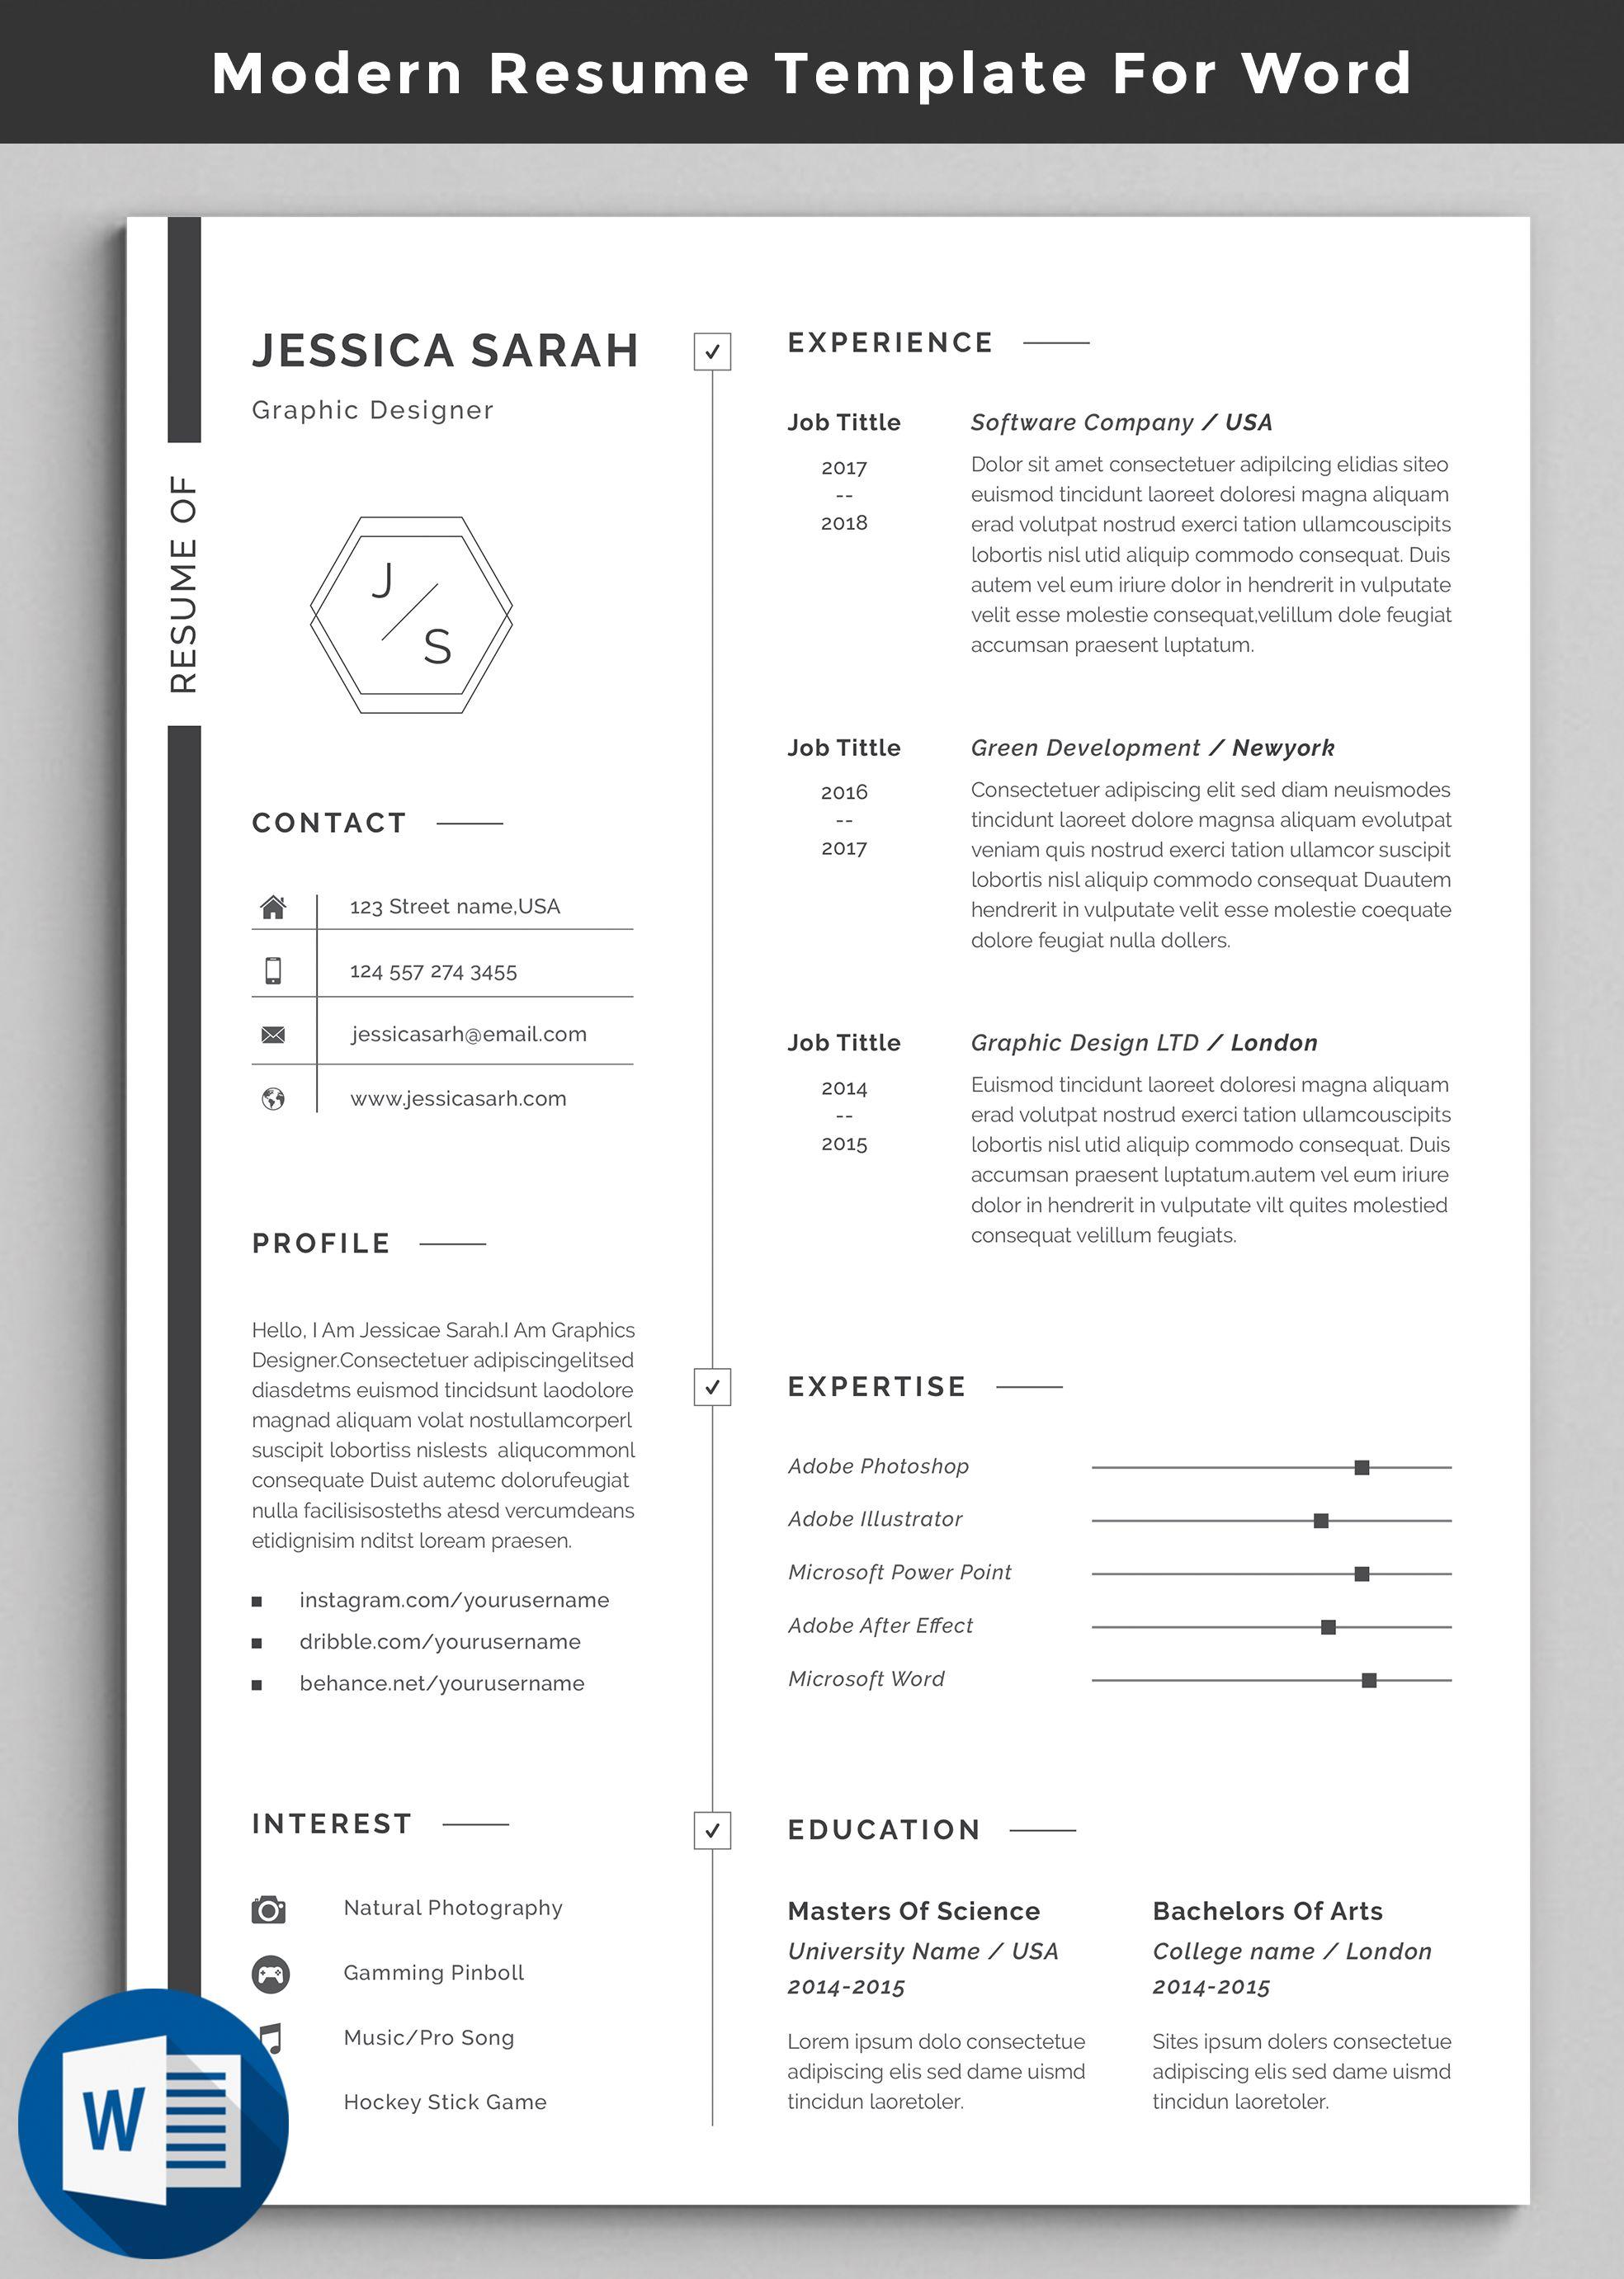 Free Online Resume Builder | blogger.com | blogger.com